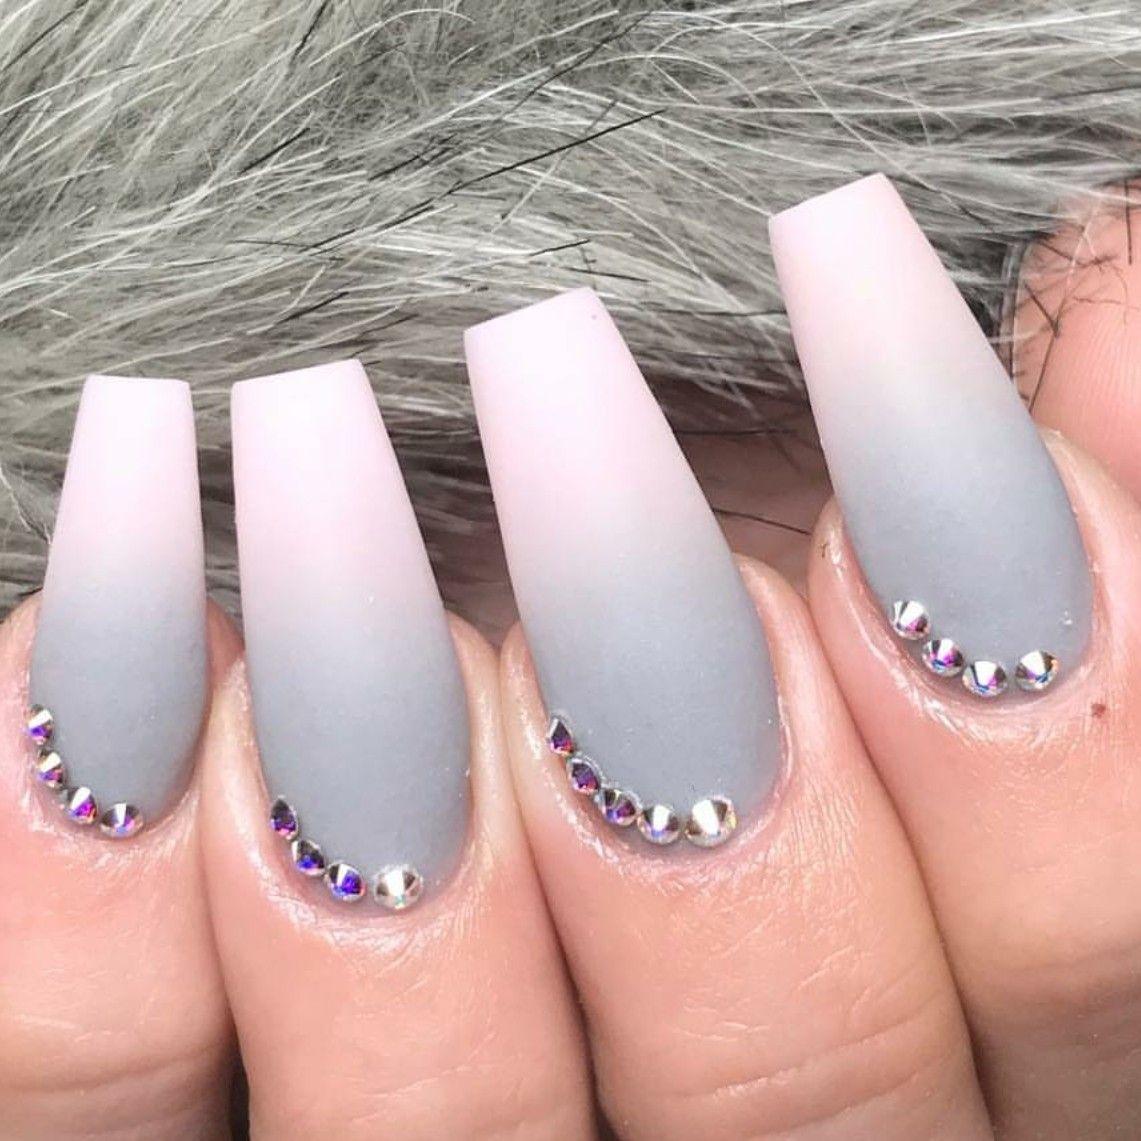 Ballerina Nails Ombre Nails Grey Nails Matte Nails Nails With Rhinestones Acrylic Nails Fall Nails Ballerina Nails Gray Nails Grey Matte Nails